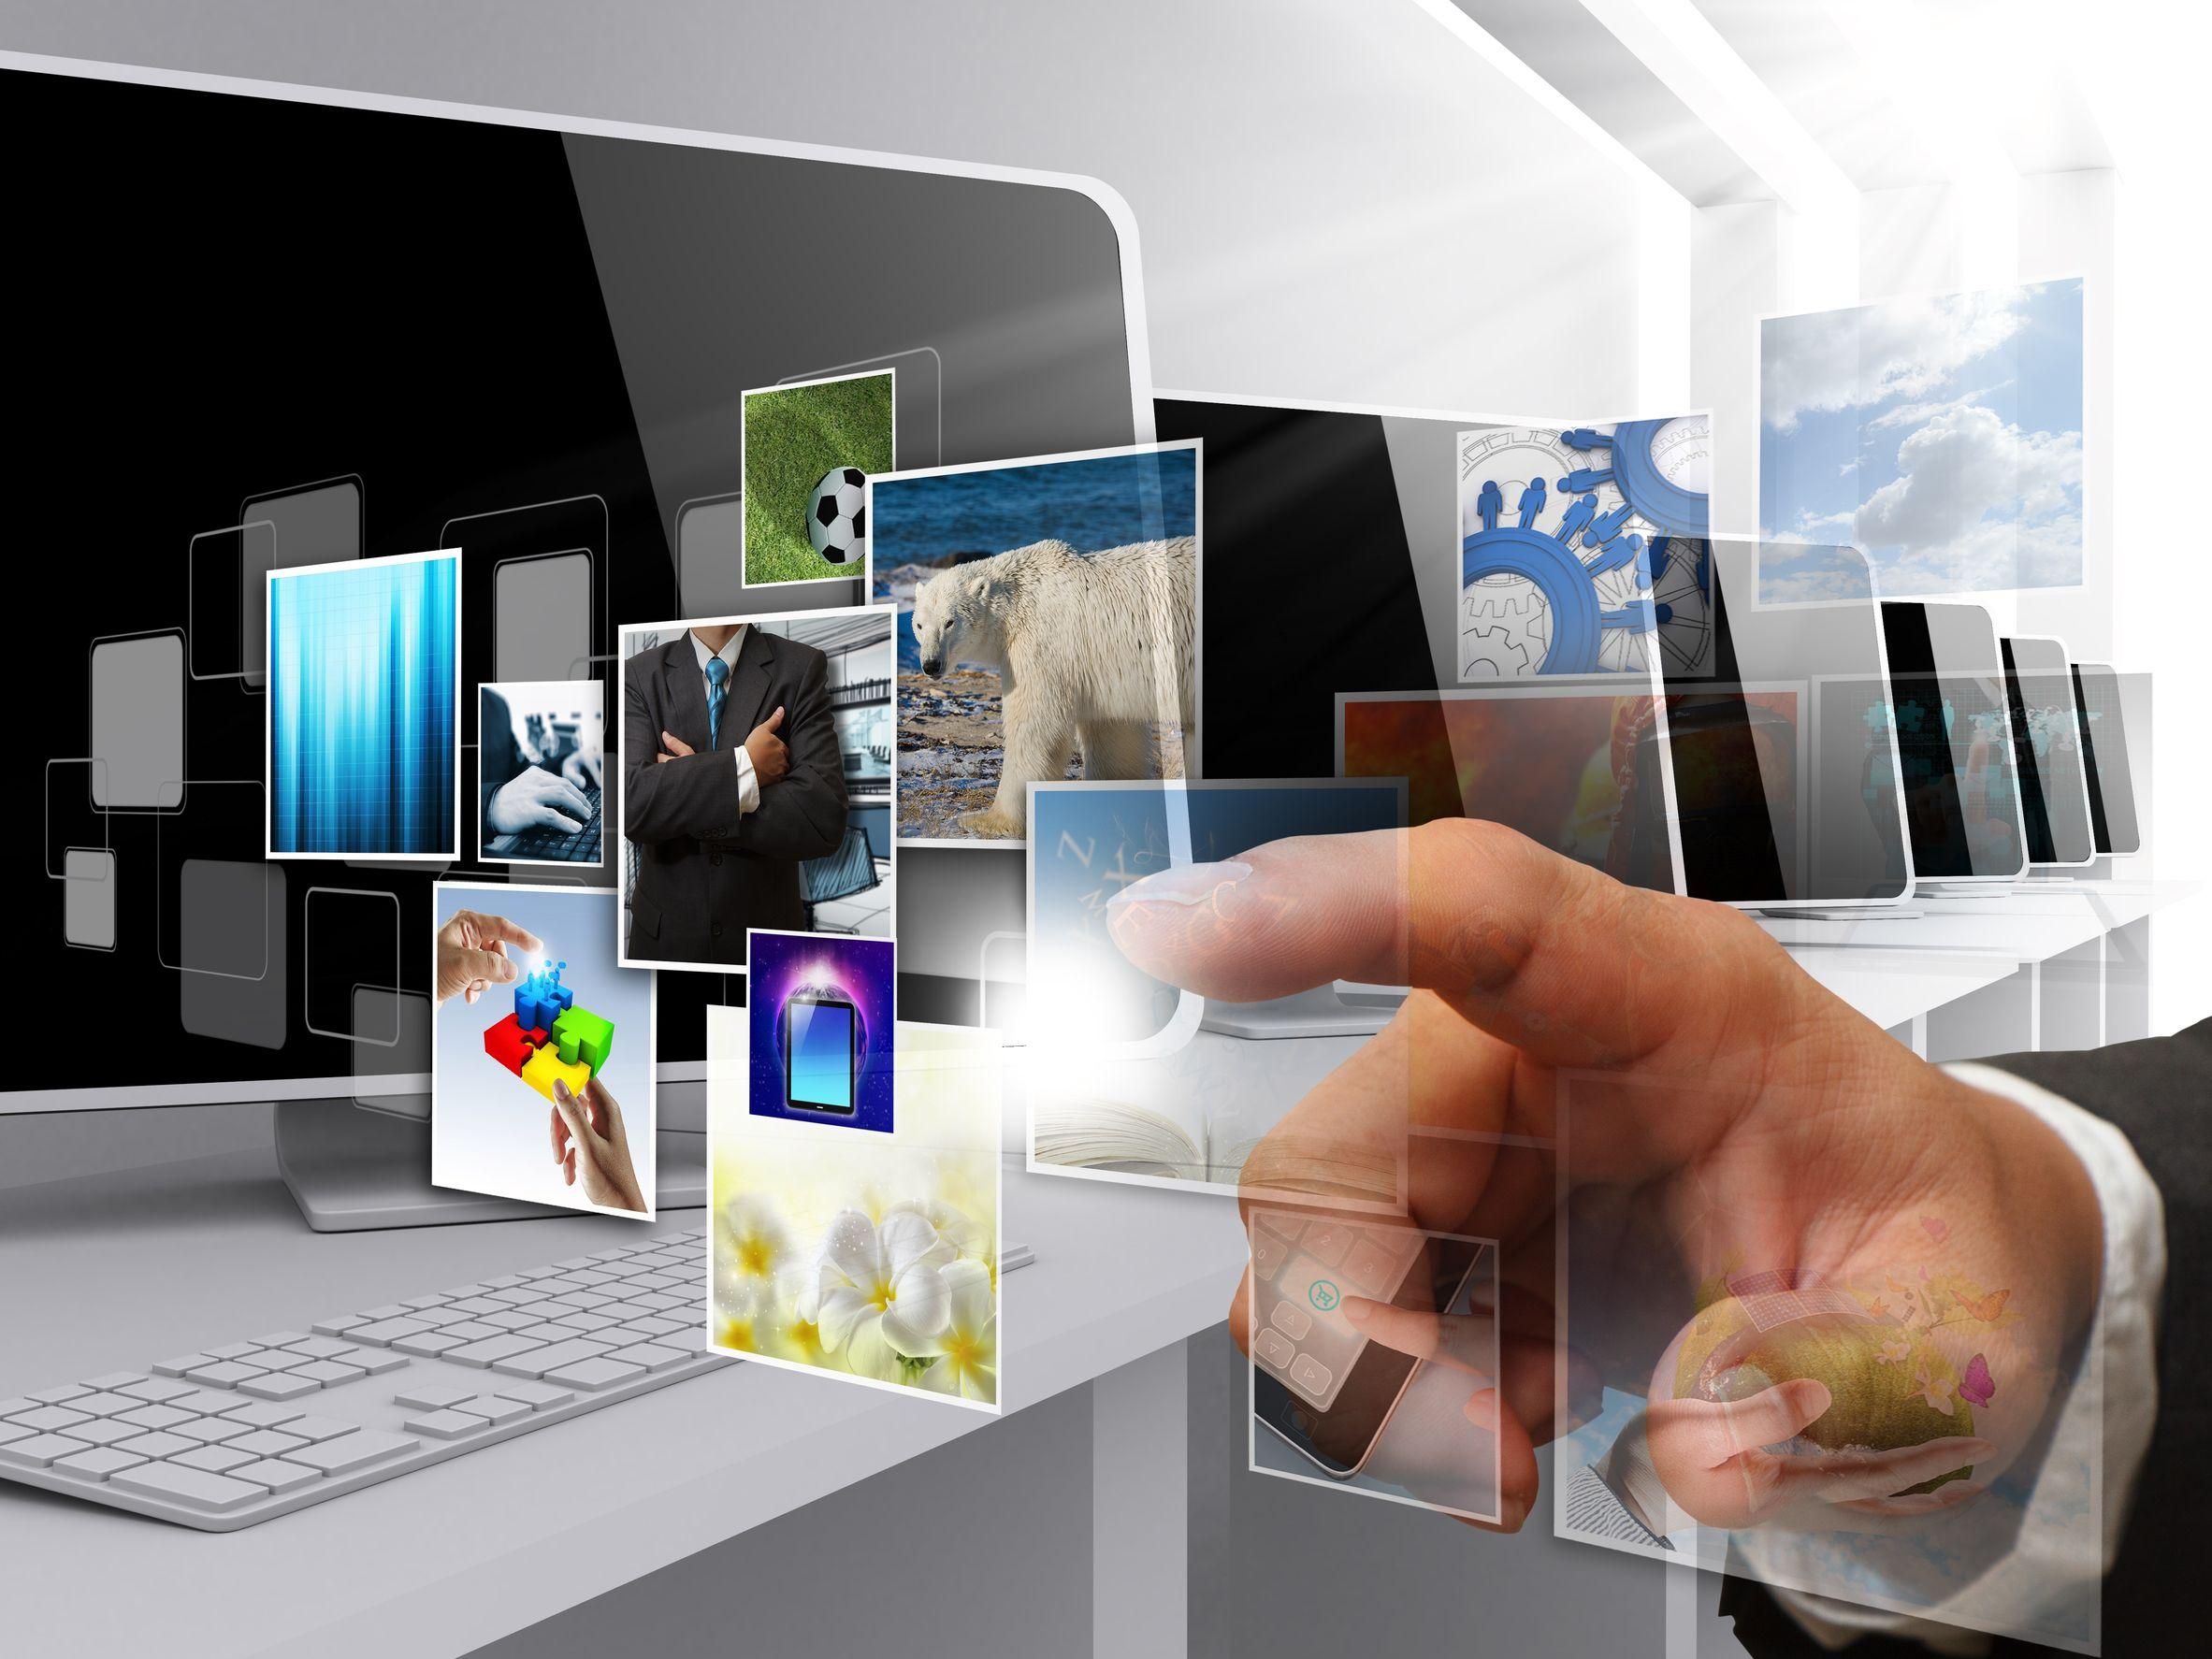 online media company